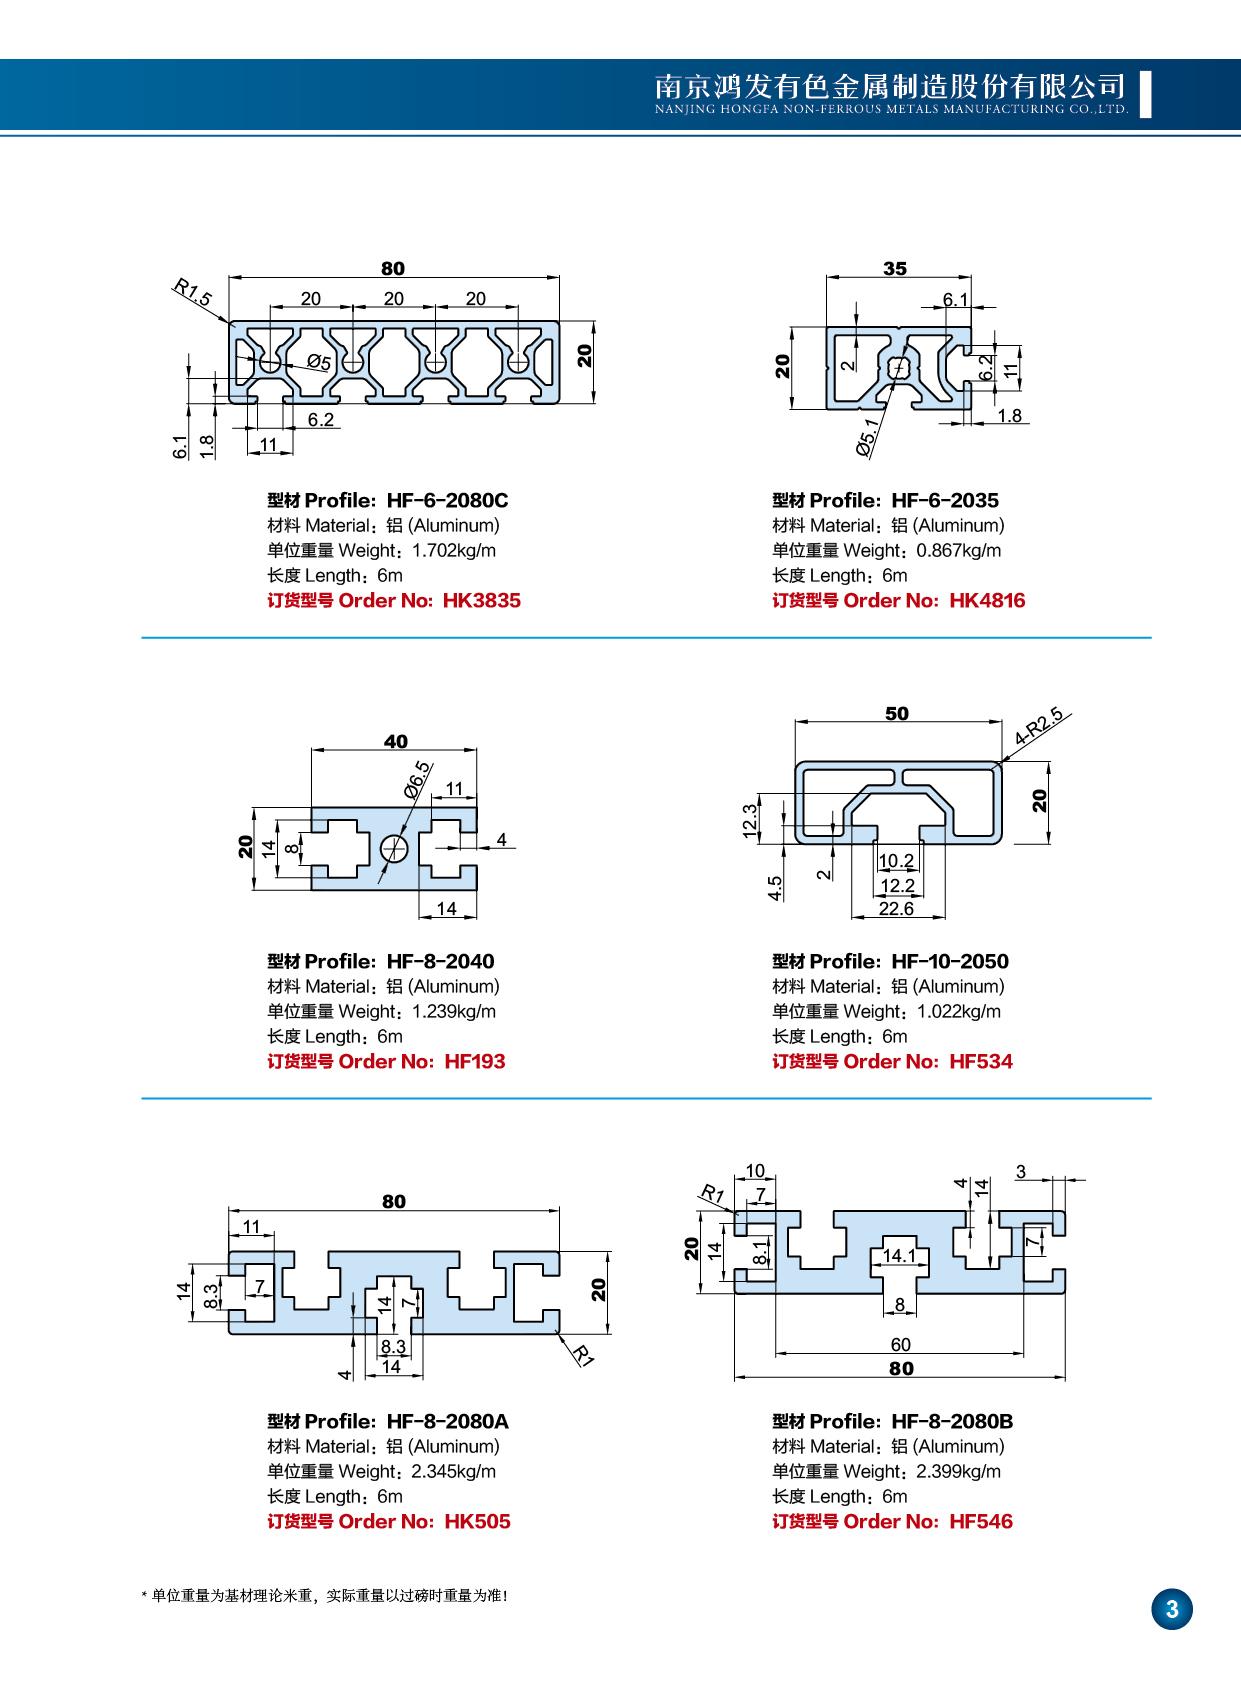 20系列工业铝型材